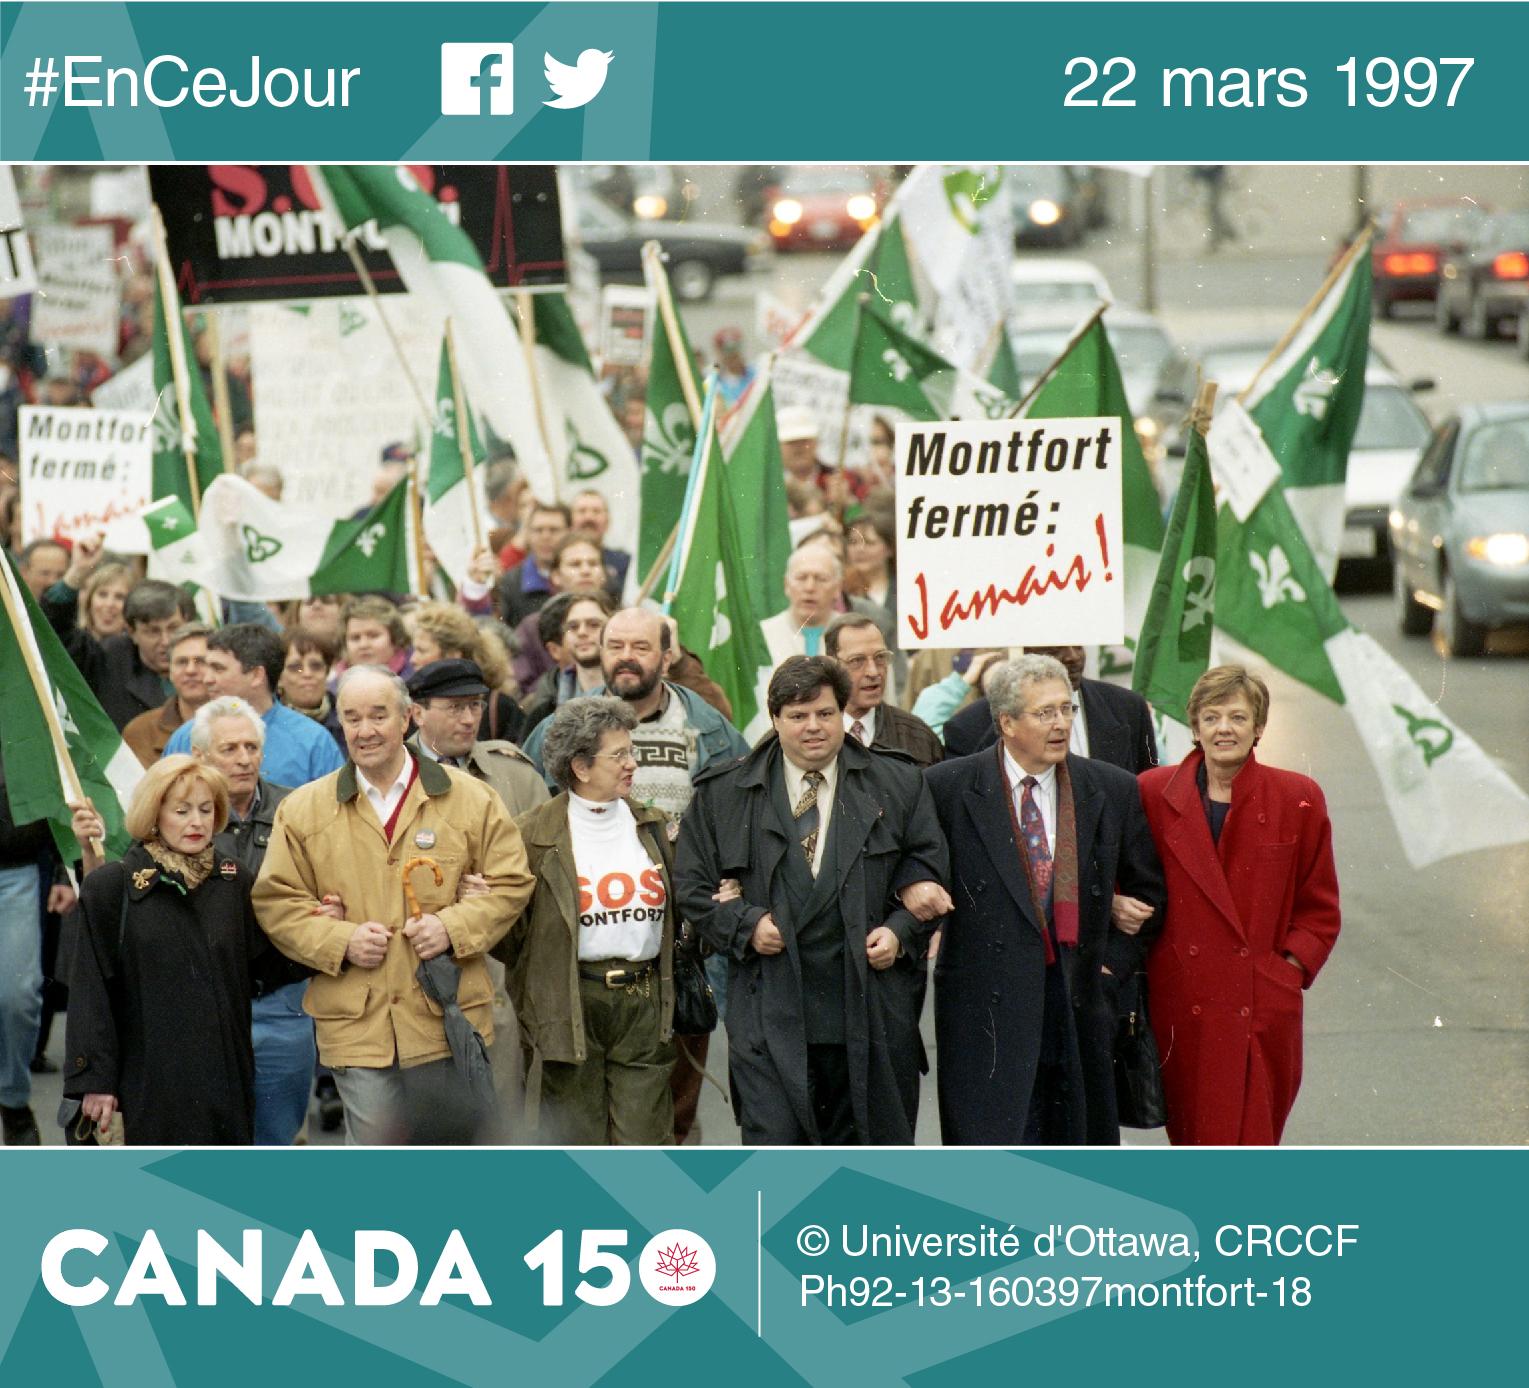 Photo de la manifestation pour SOS Montfort dans les rues d'Ottawa en mars 1997.